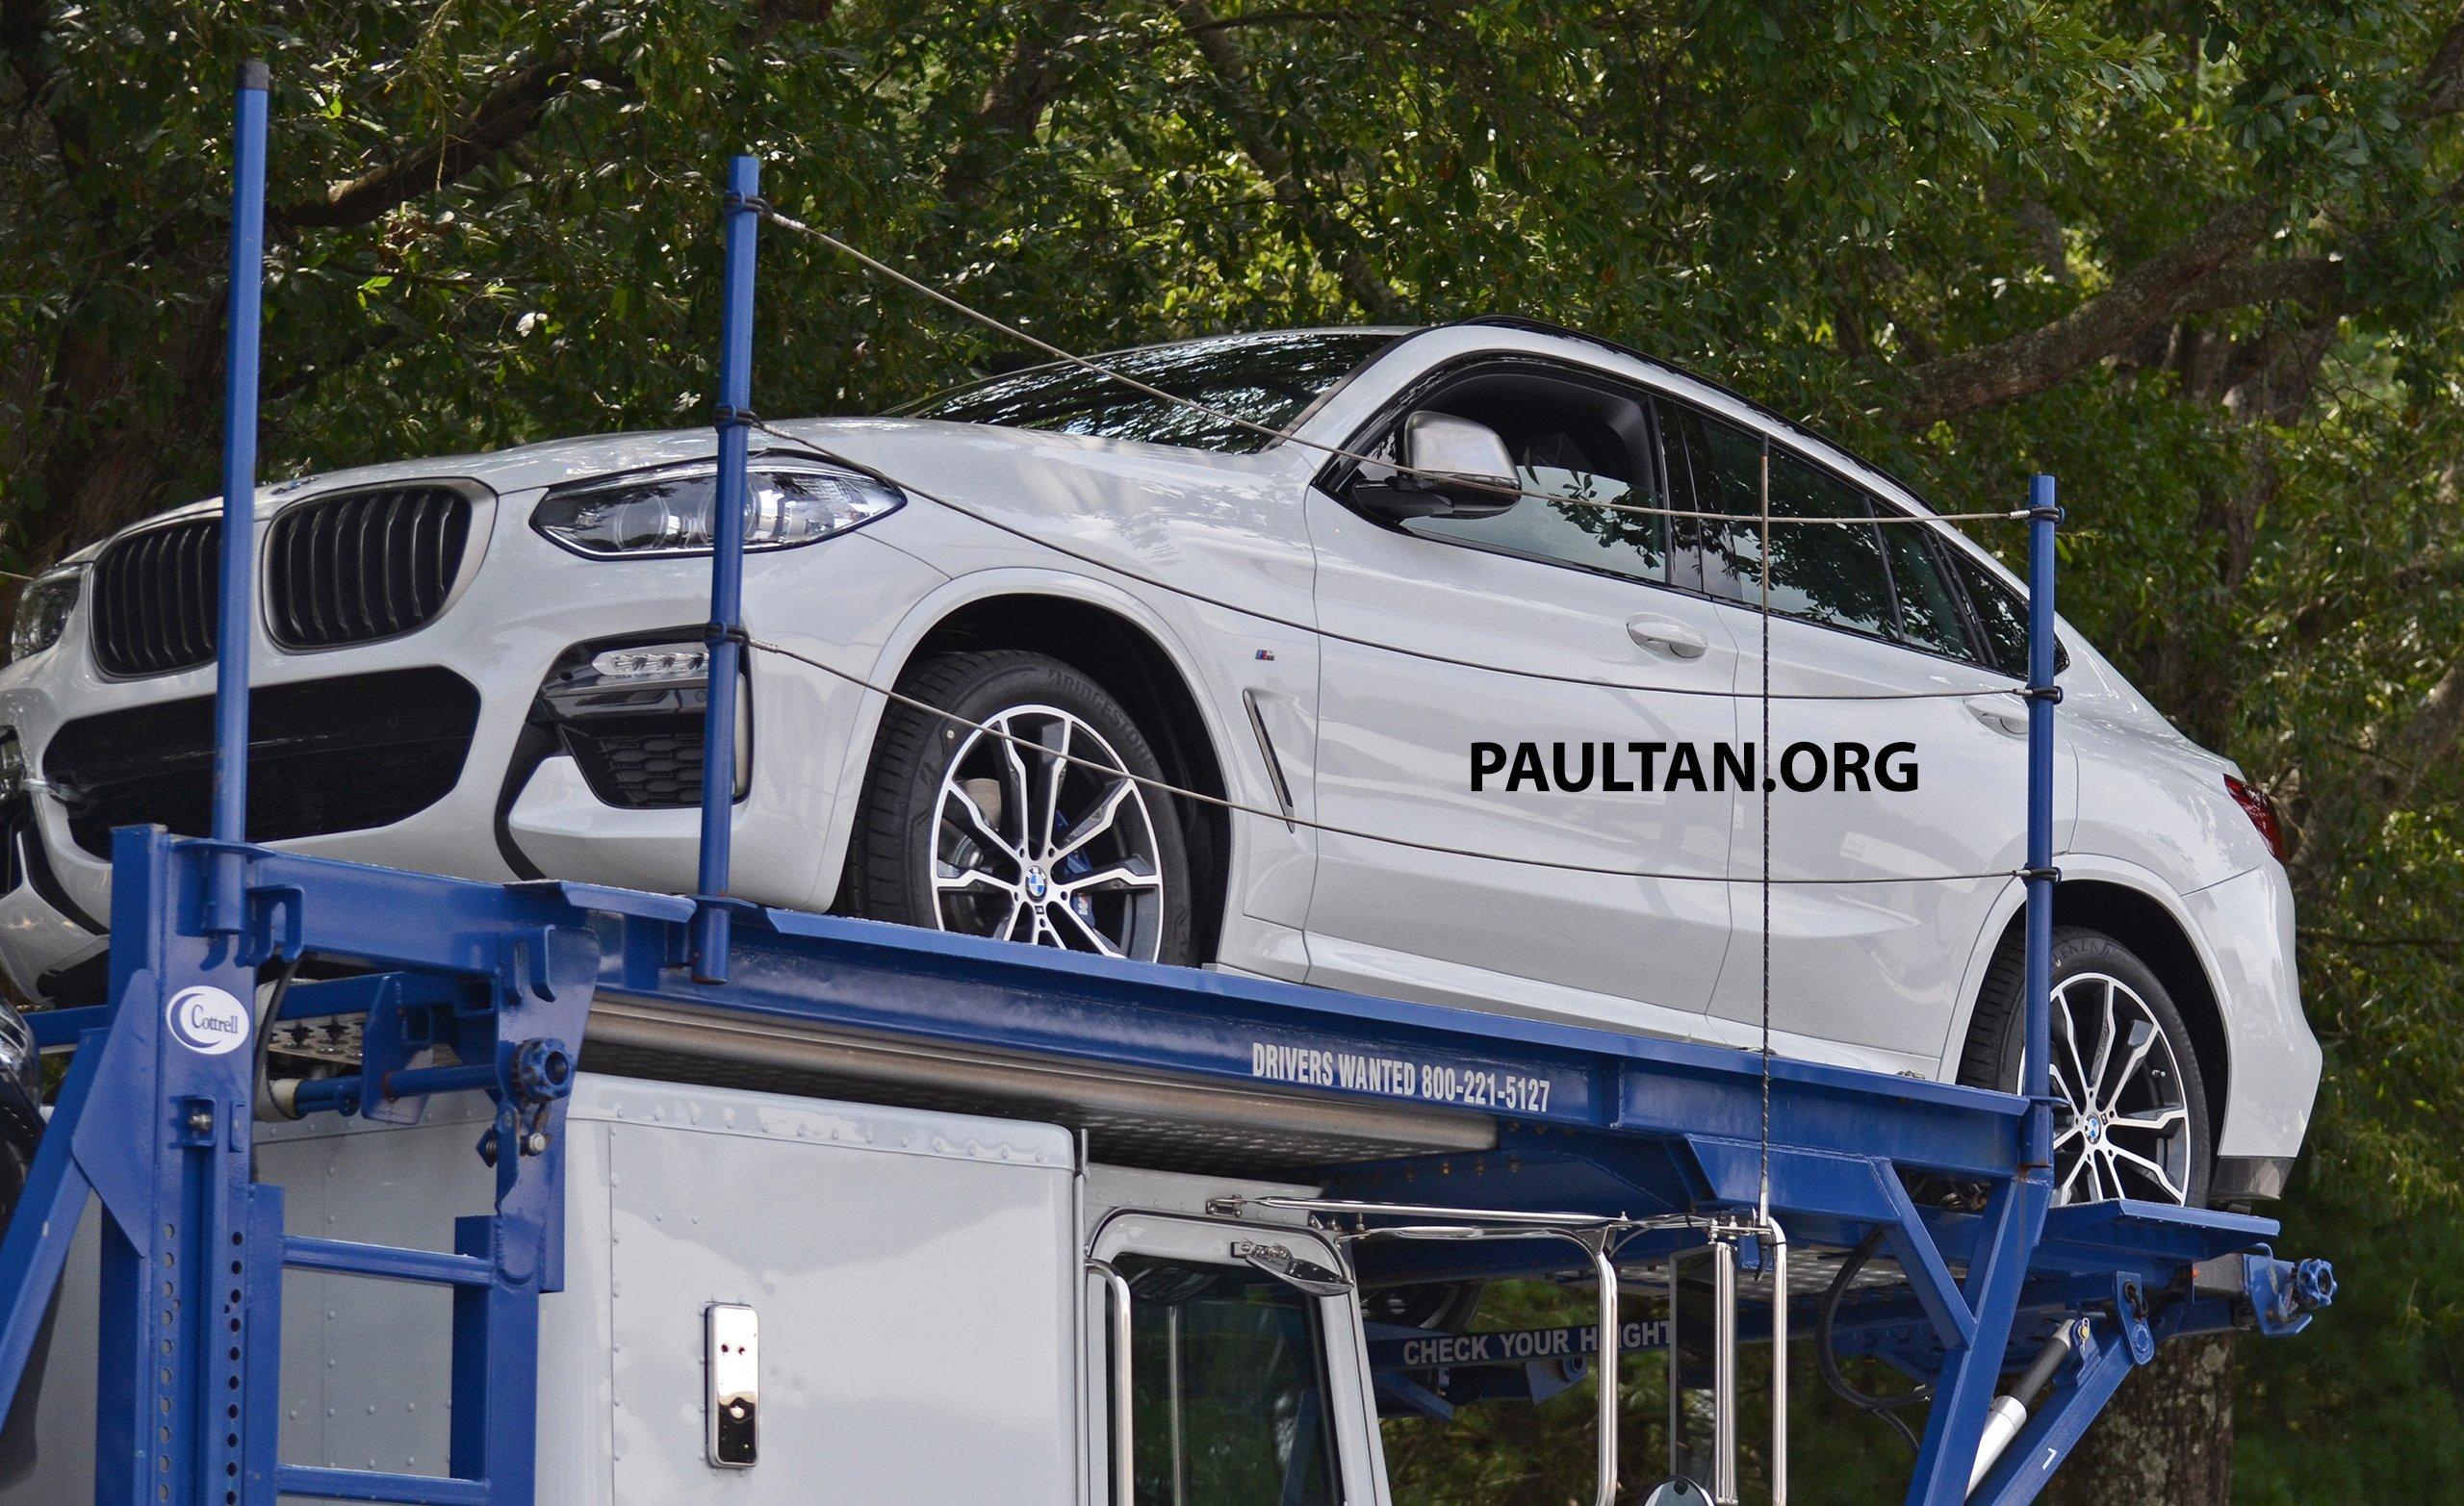 BMW-X4-No-Camo-Spyshots-08.jpg